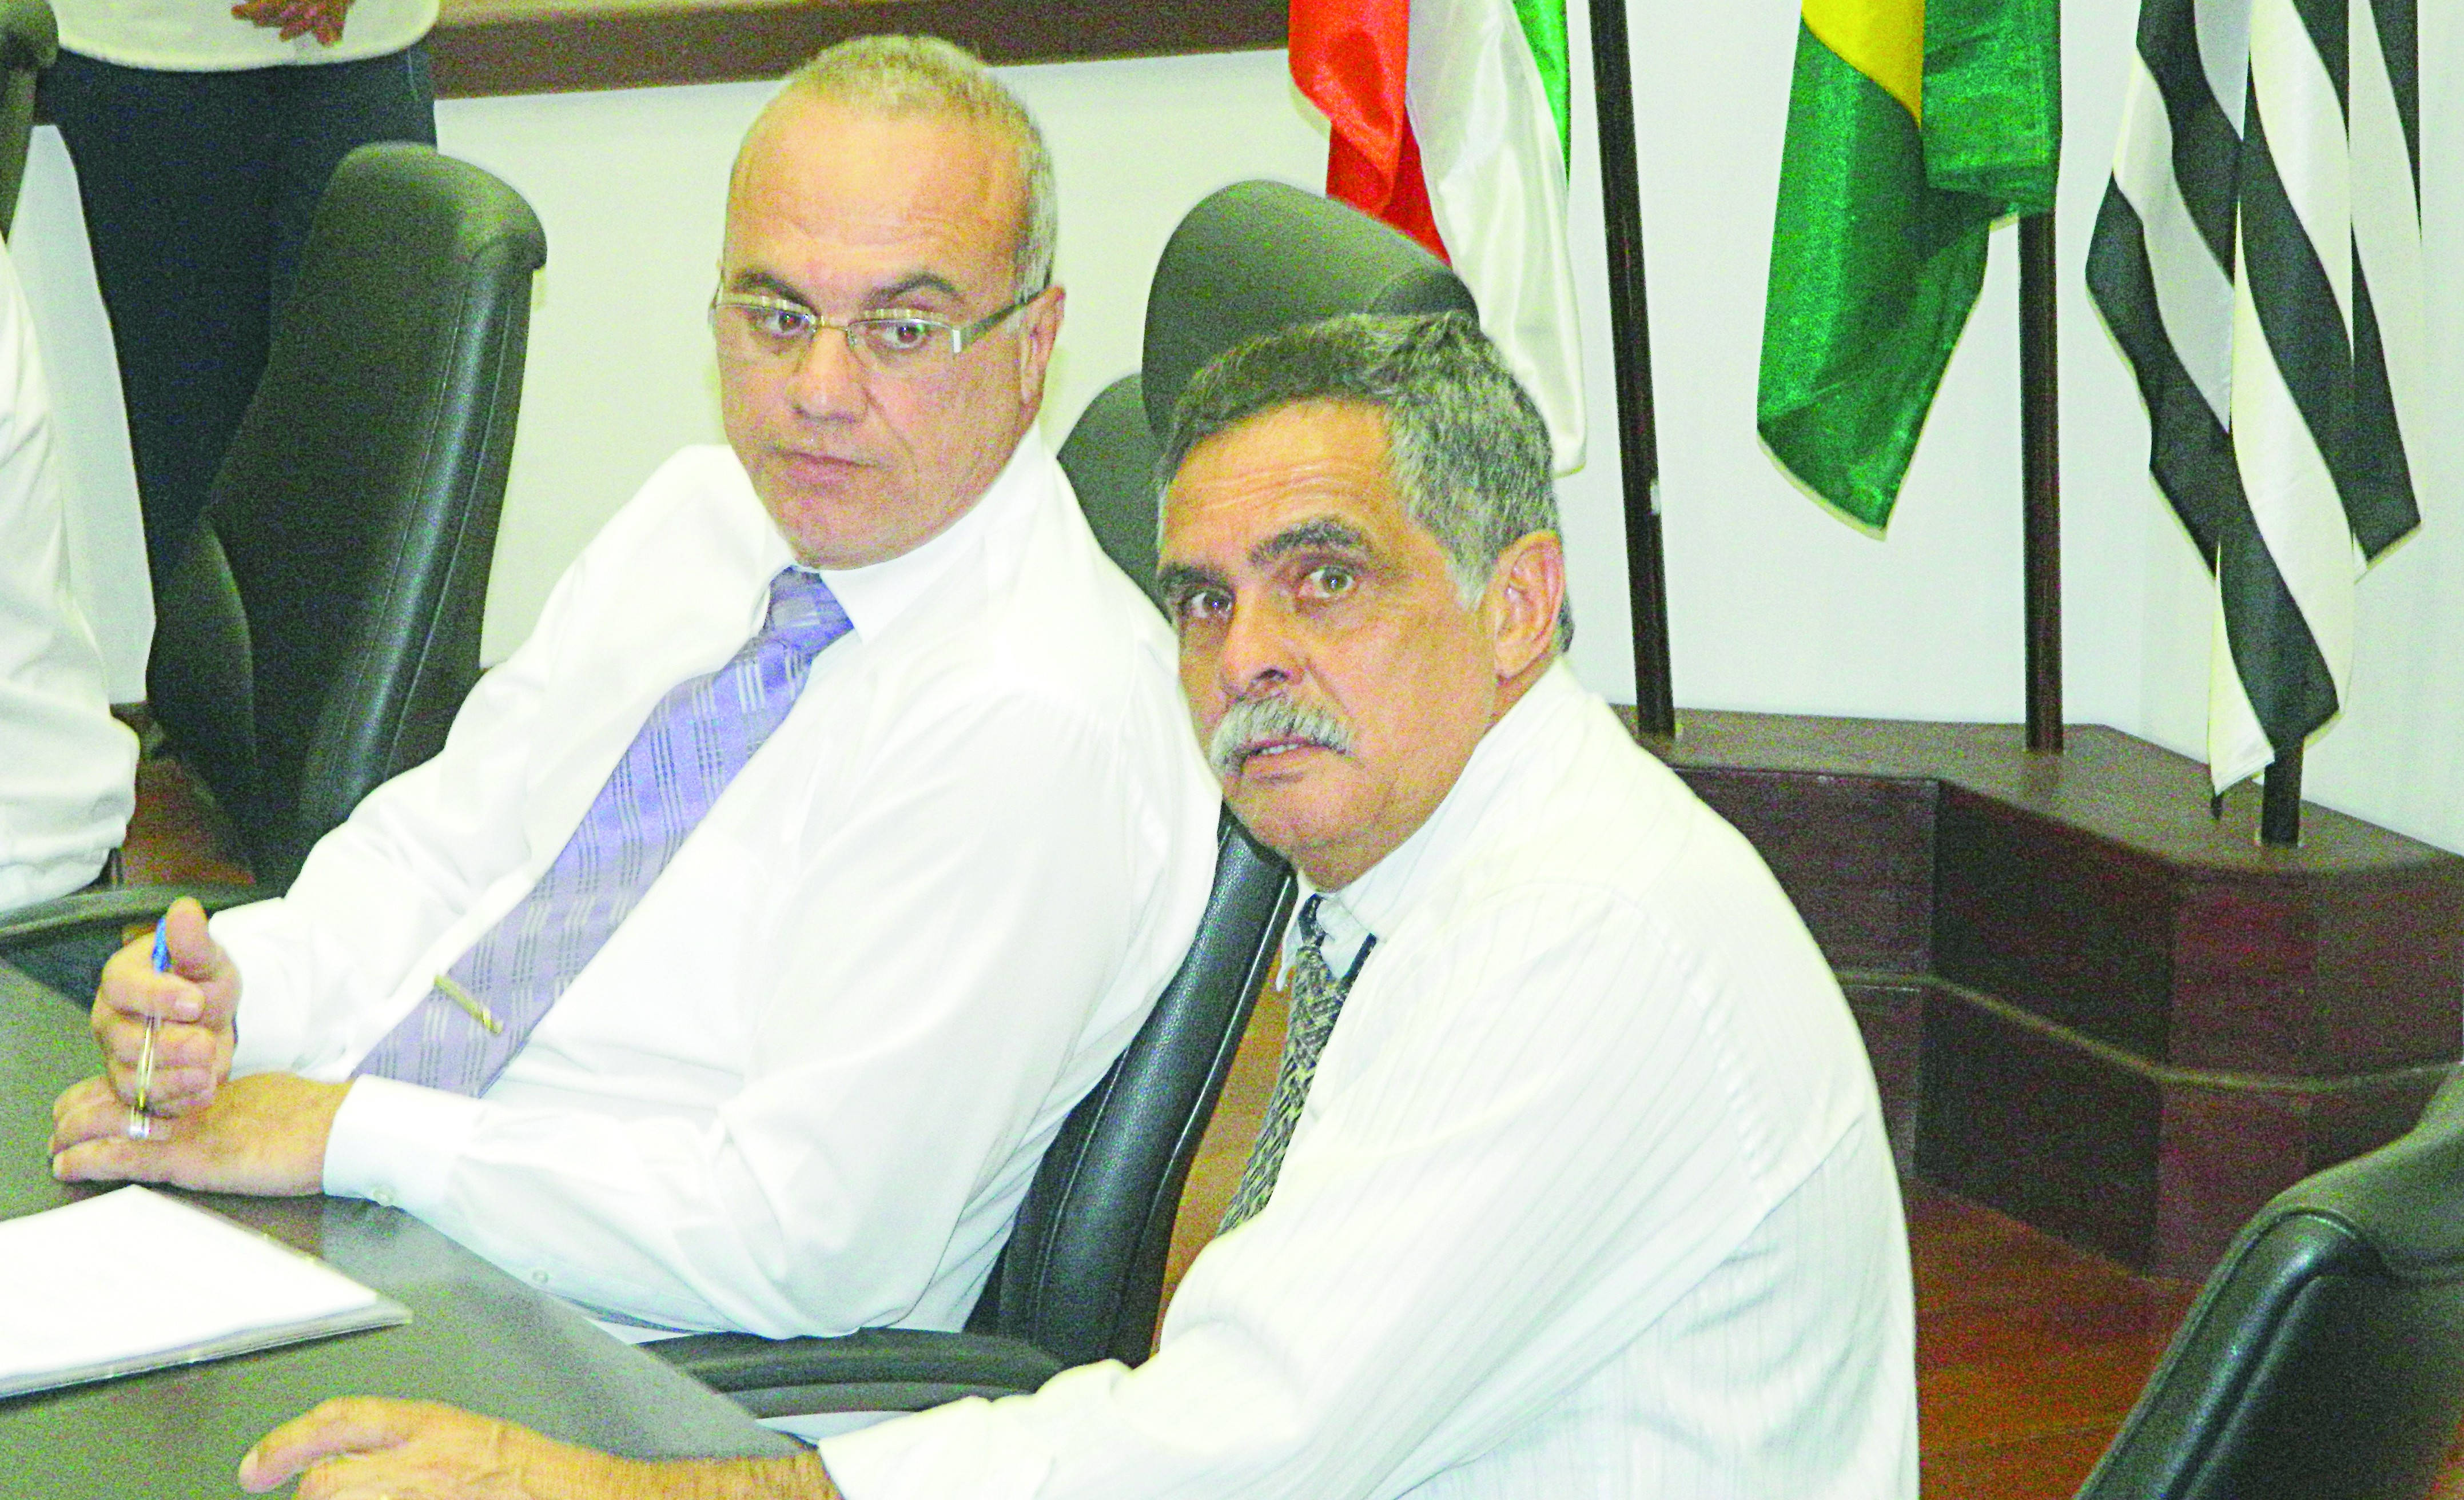 Ao lado de Ricardo Piorino, o vereador Martins Cesar, que pode enfrentar mais uma etapa de investigações sobre uso do carro (Arquivo Atos)